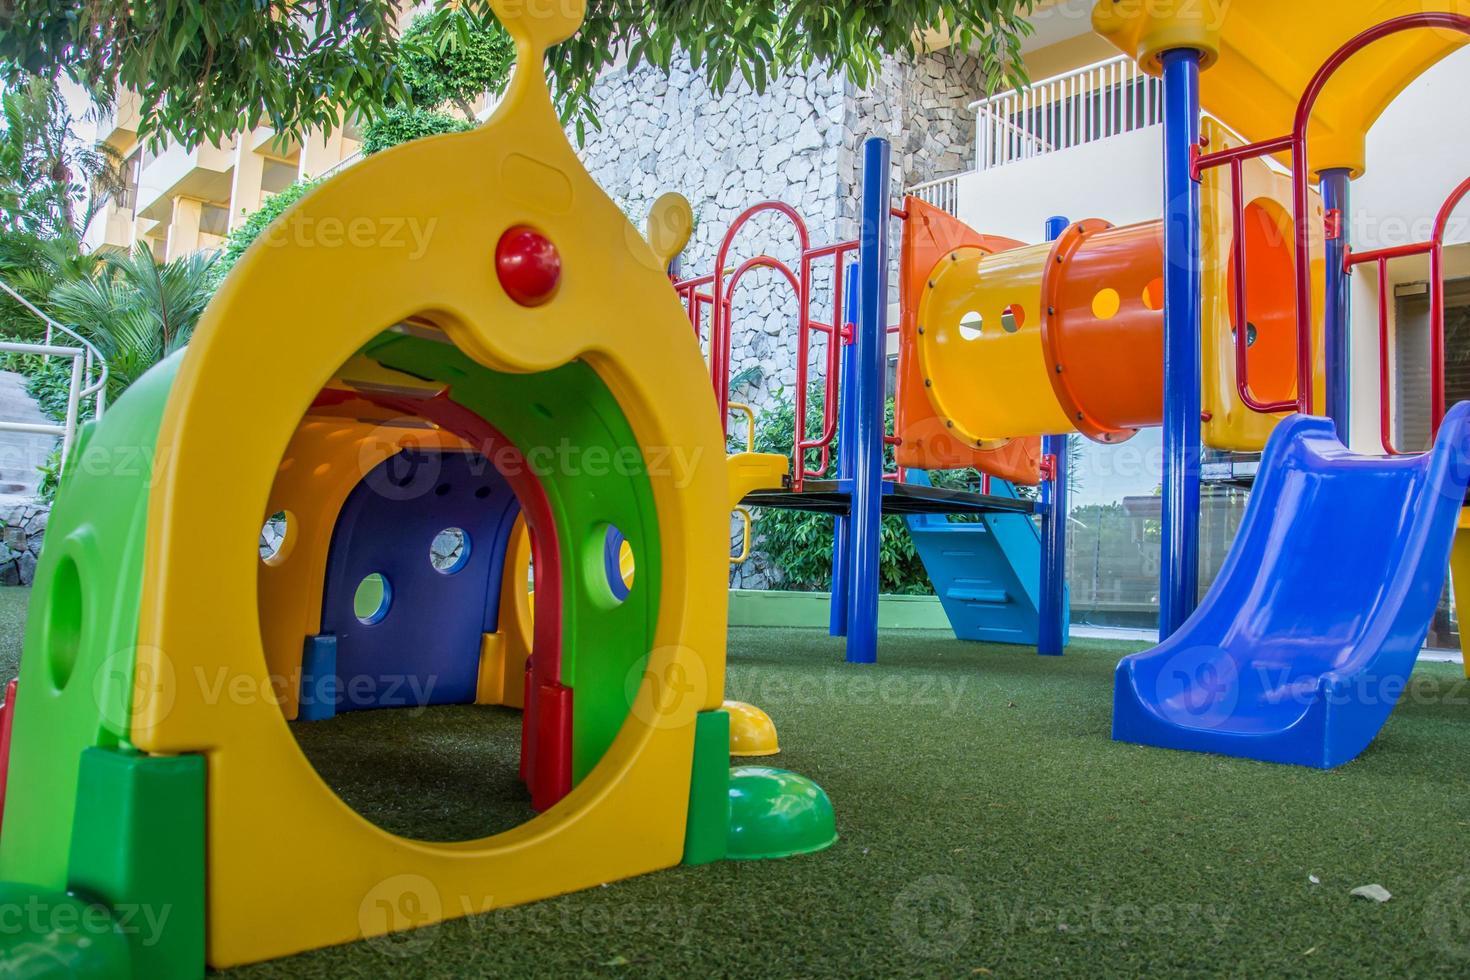 aire de jeux pour enfants photo